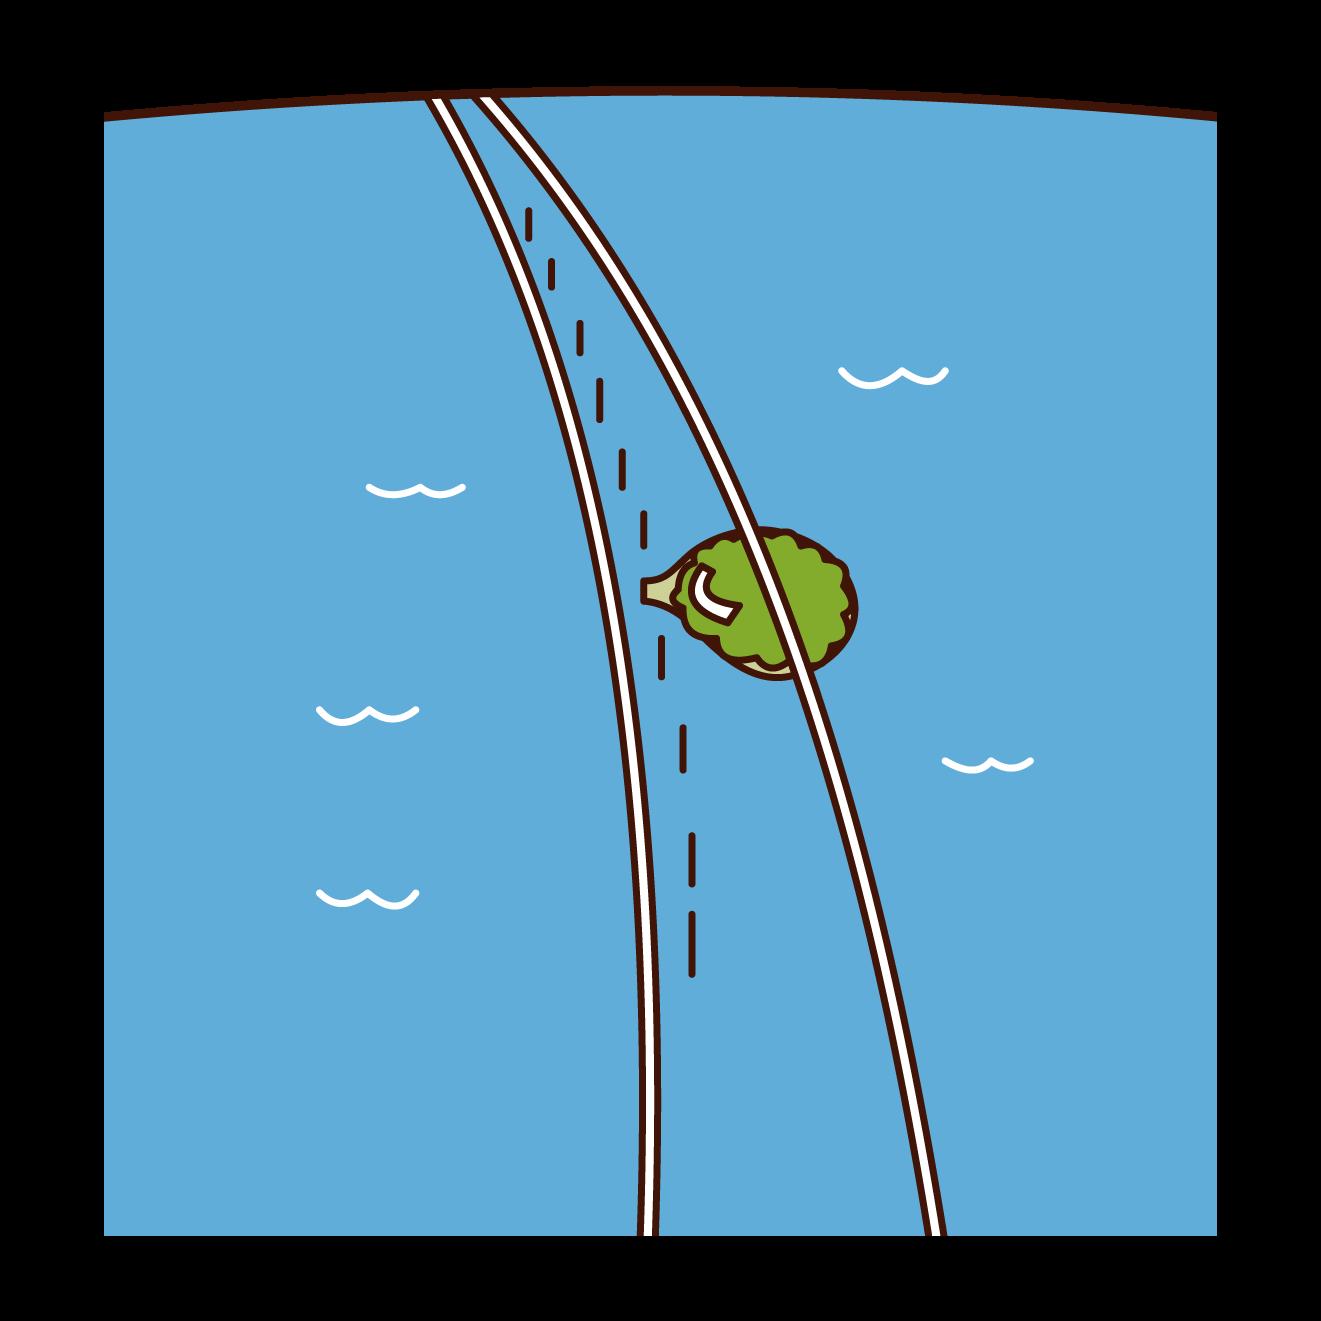 基韋斯特七英里橋插圖